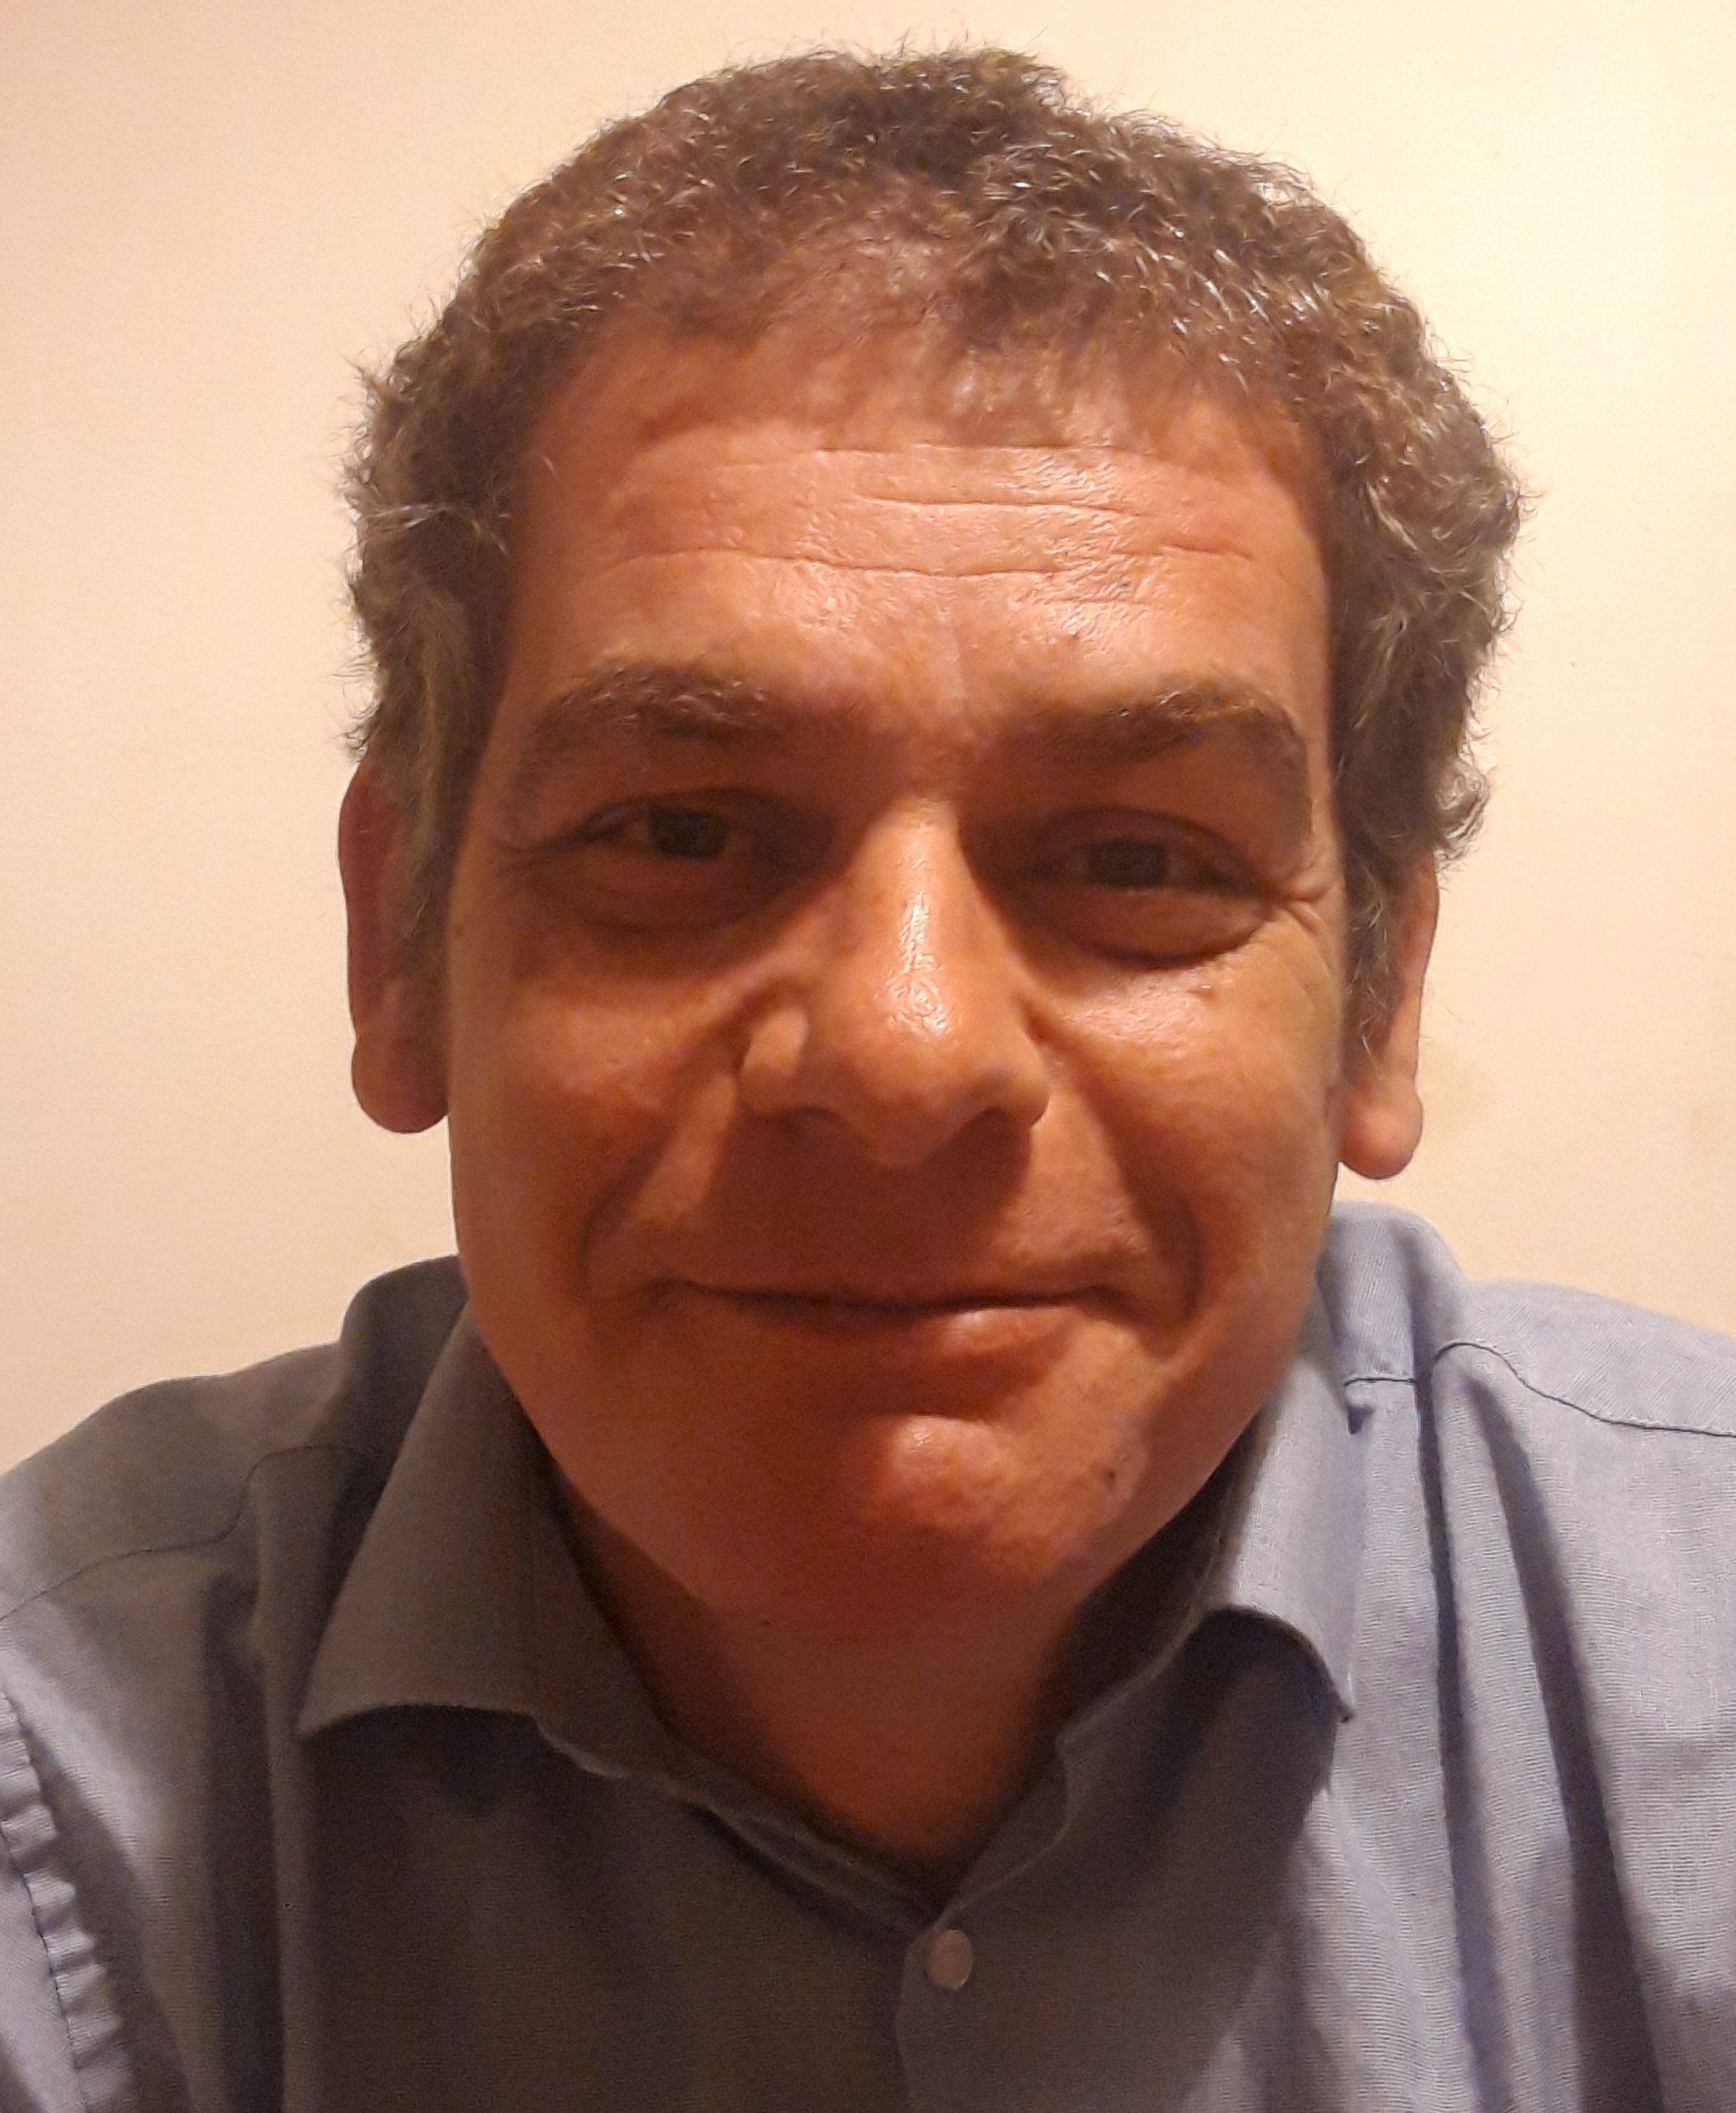 Pierre Grenon